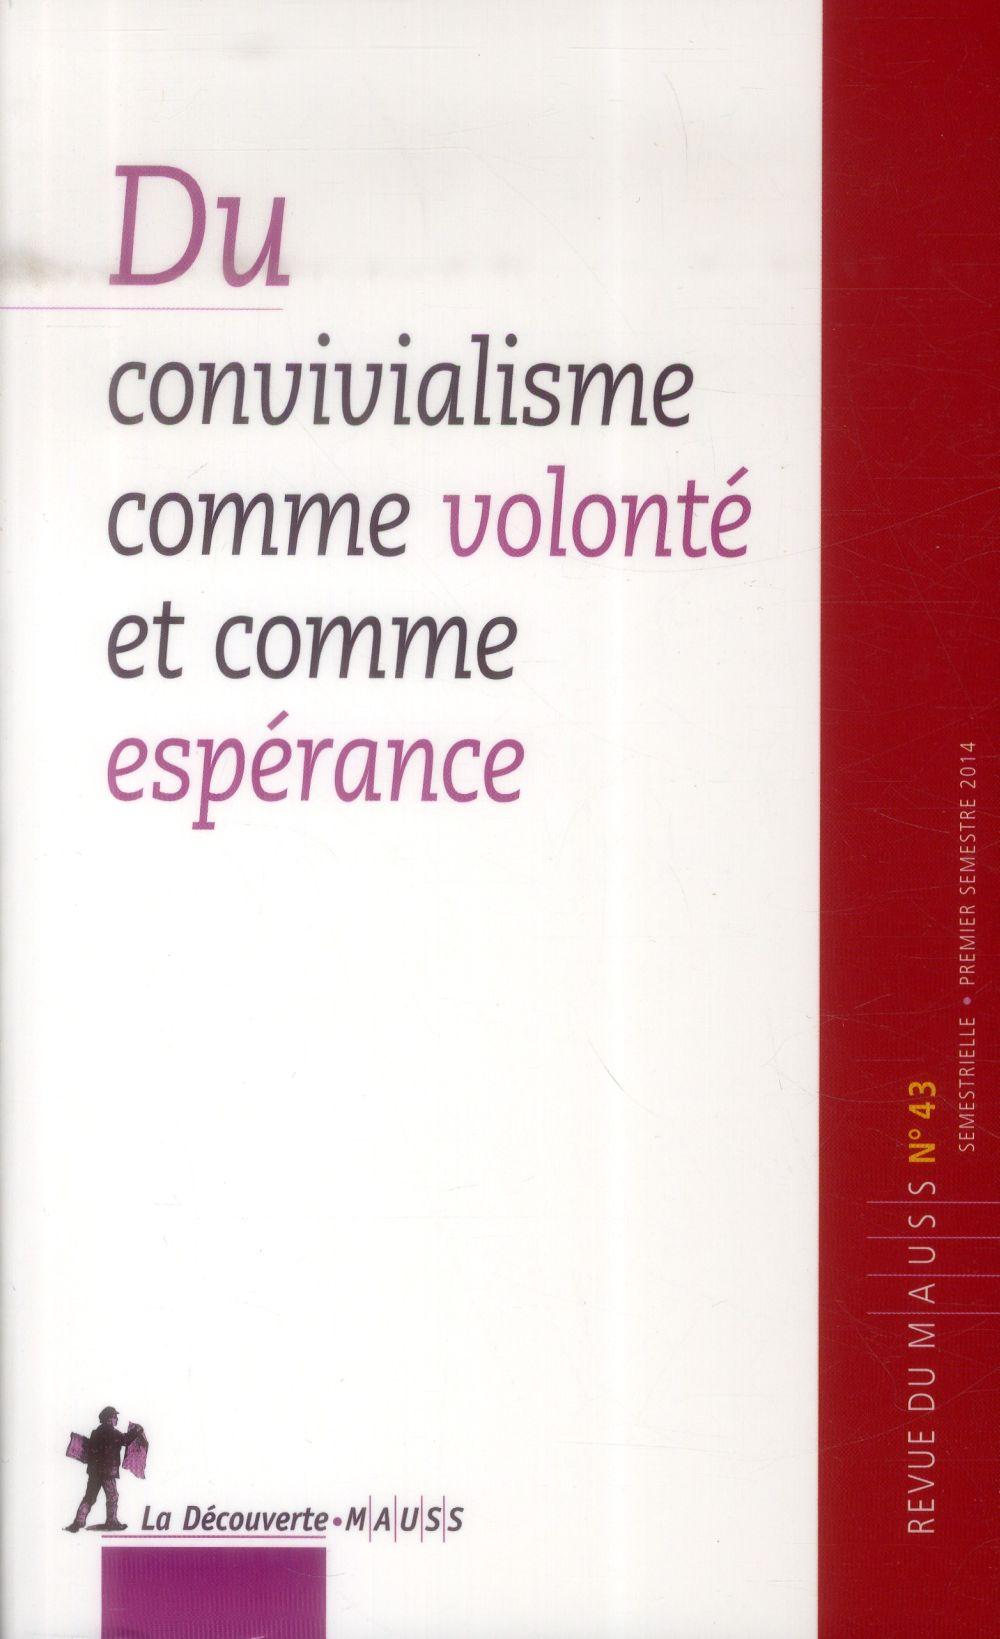 REVUE DU MAUSS N43 DU CONVIVIALISME COMME VOLONTE ET COMME ESPERANCE